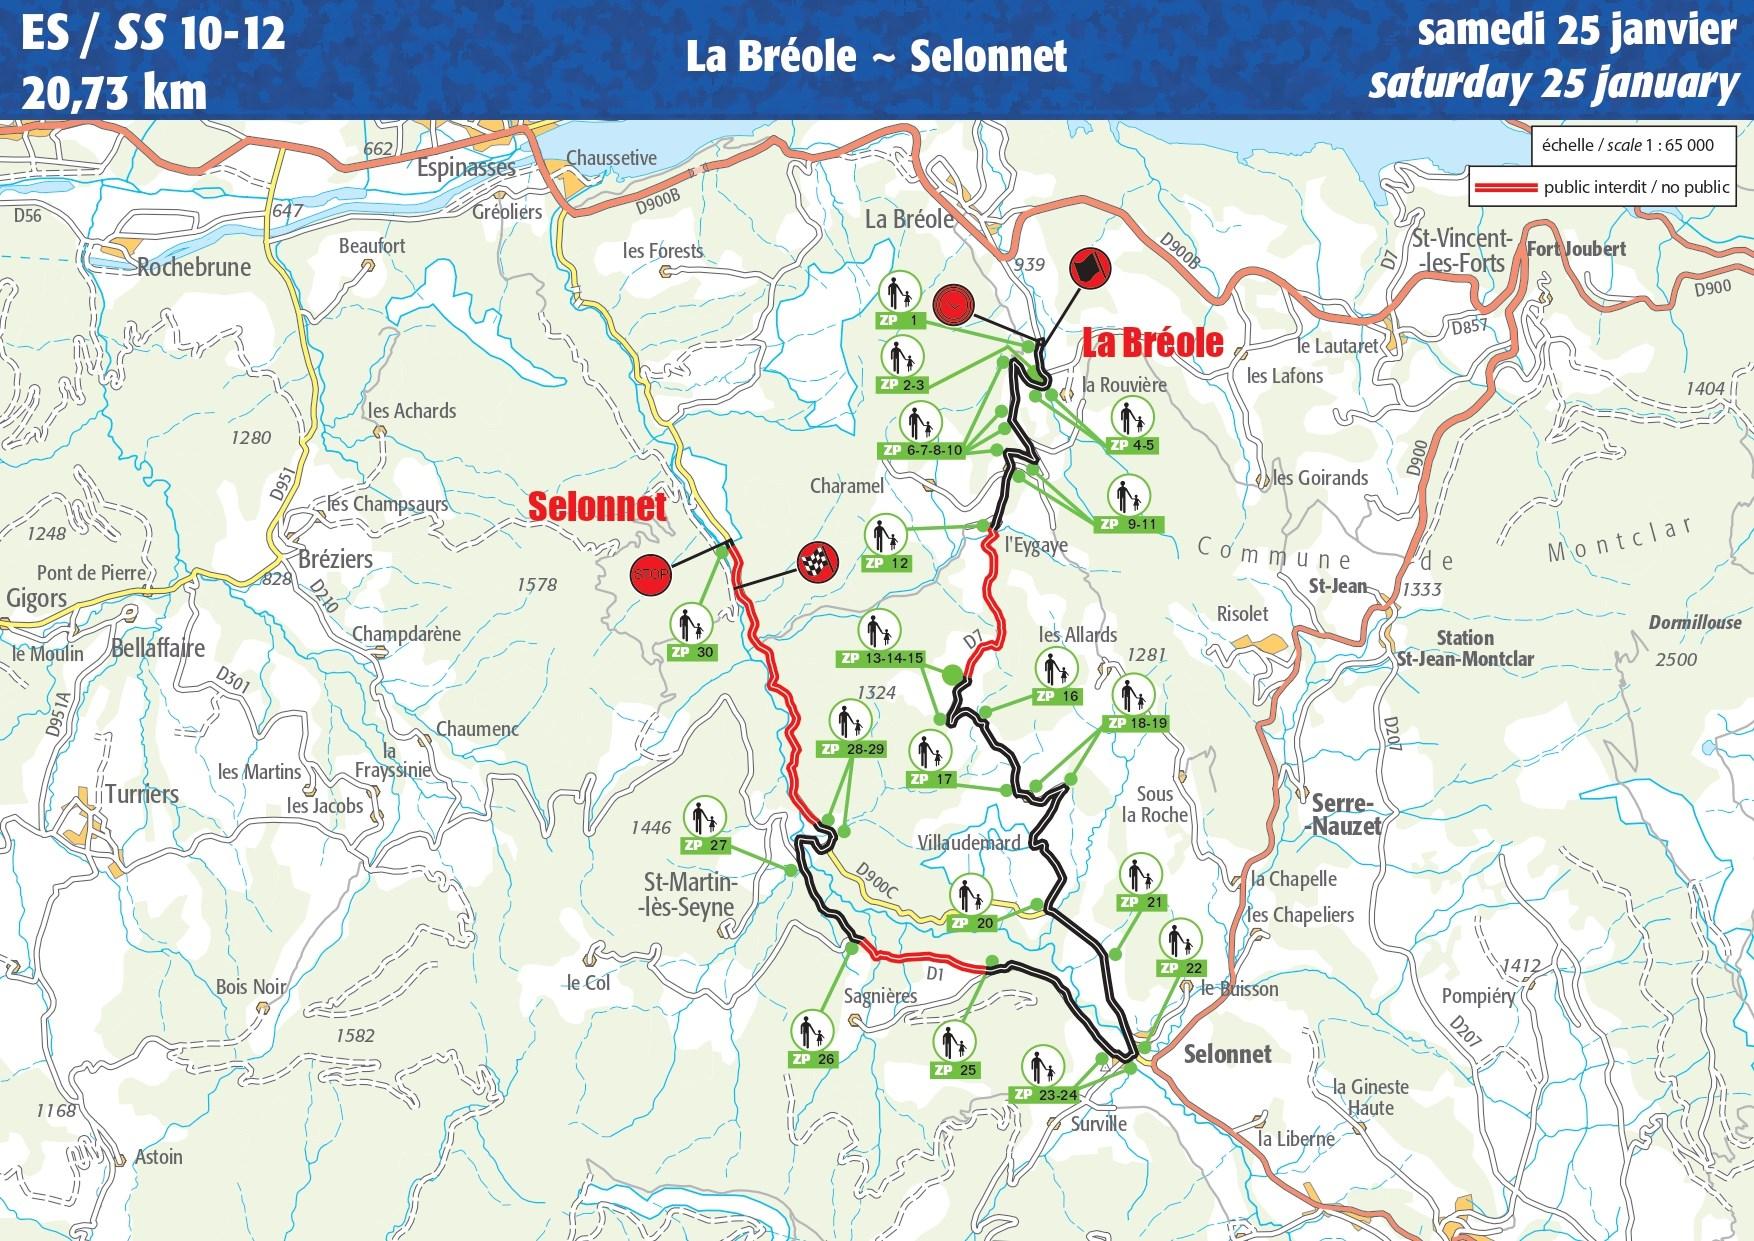 Carte ES 10-12 Rallye Monte-Carlo 2020